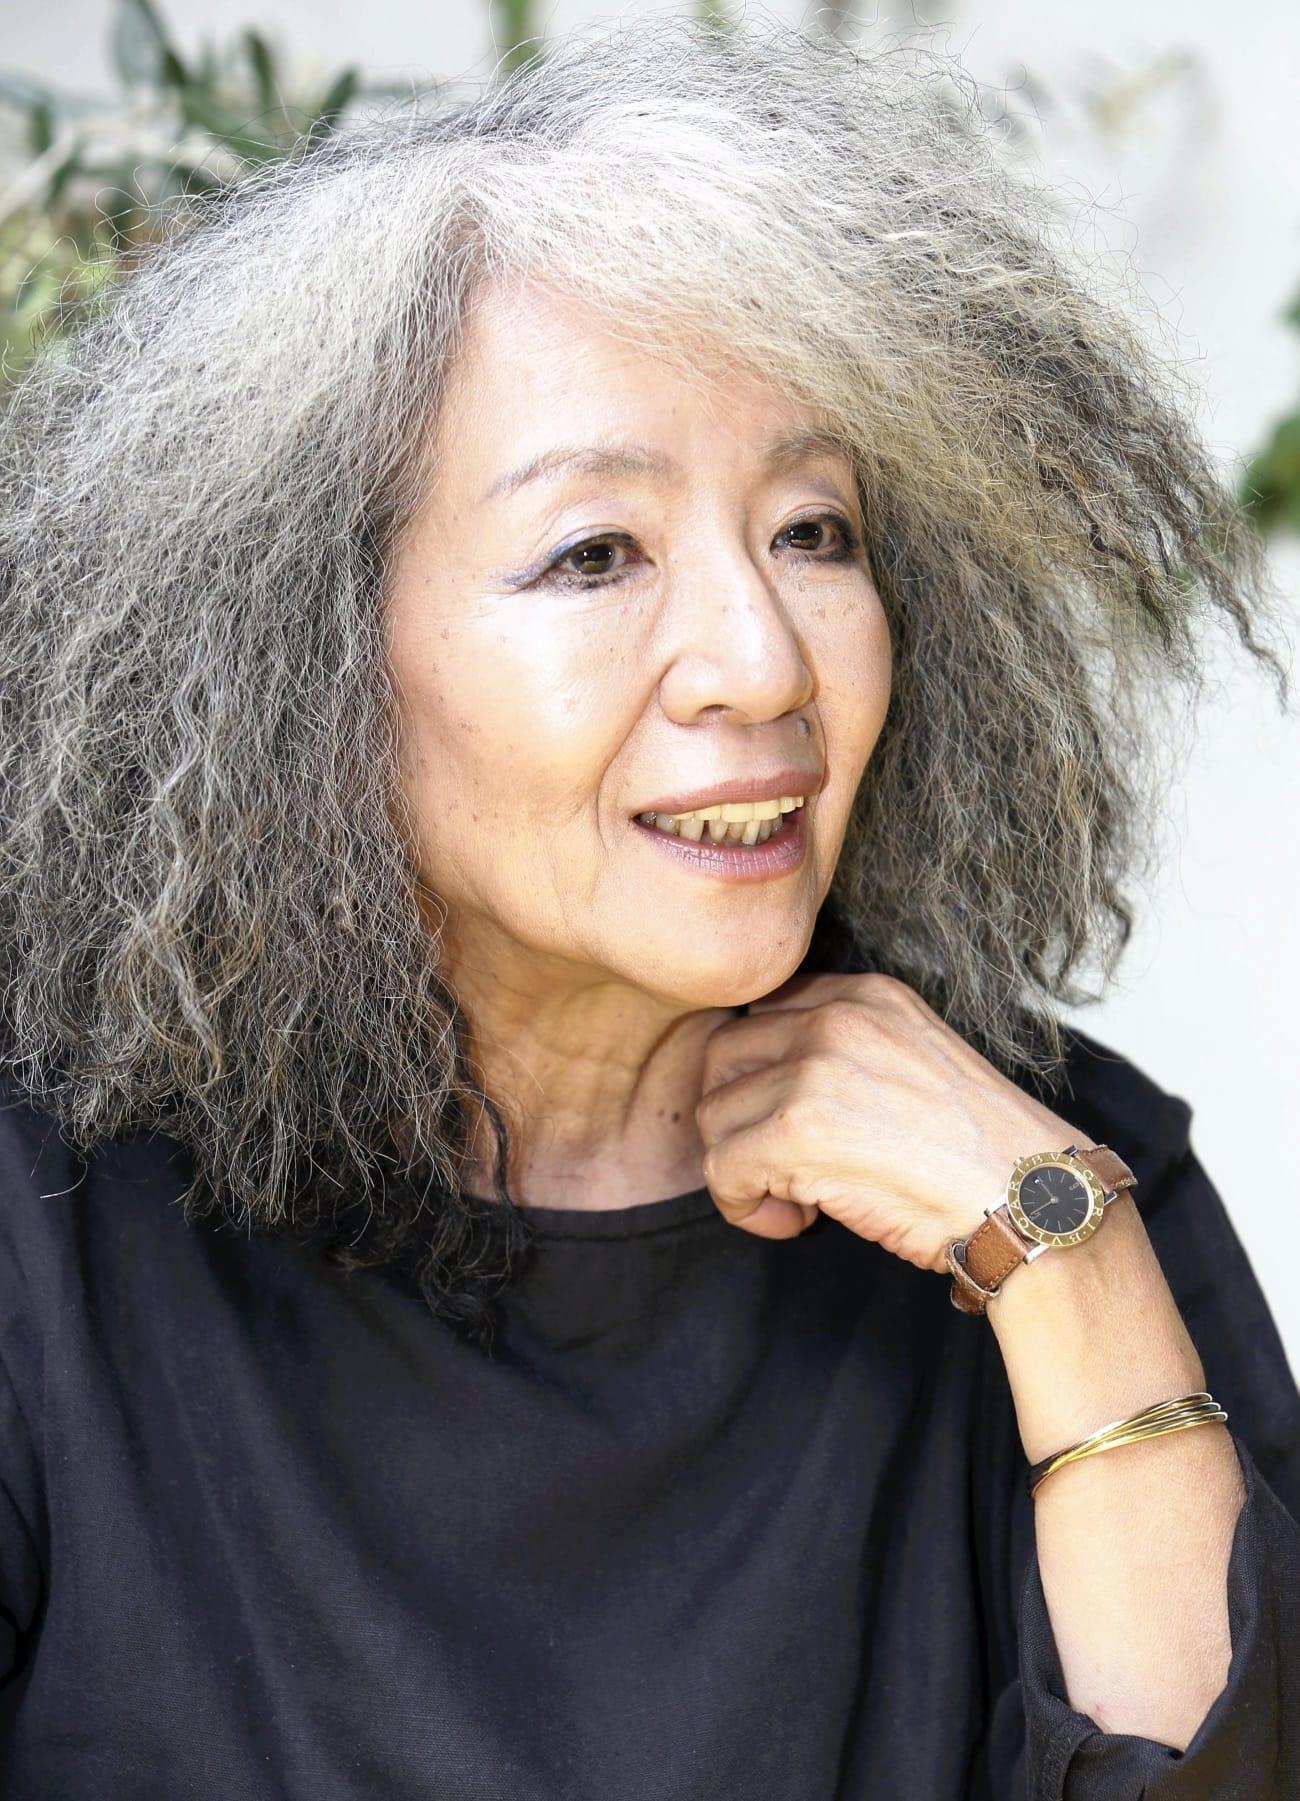 「母の介護をしていた時、美容院に行く時間が惜しくて長持ちしそうなこの髪形にしたら、母が笑顔になってくれた」という。それ以来、髪形を変えられないでいる。「友人からは『怒髪ヘア』と言われています」(東京都港区で)=繁田統央撮影